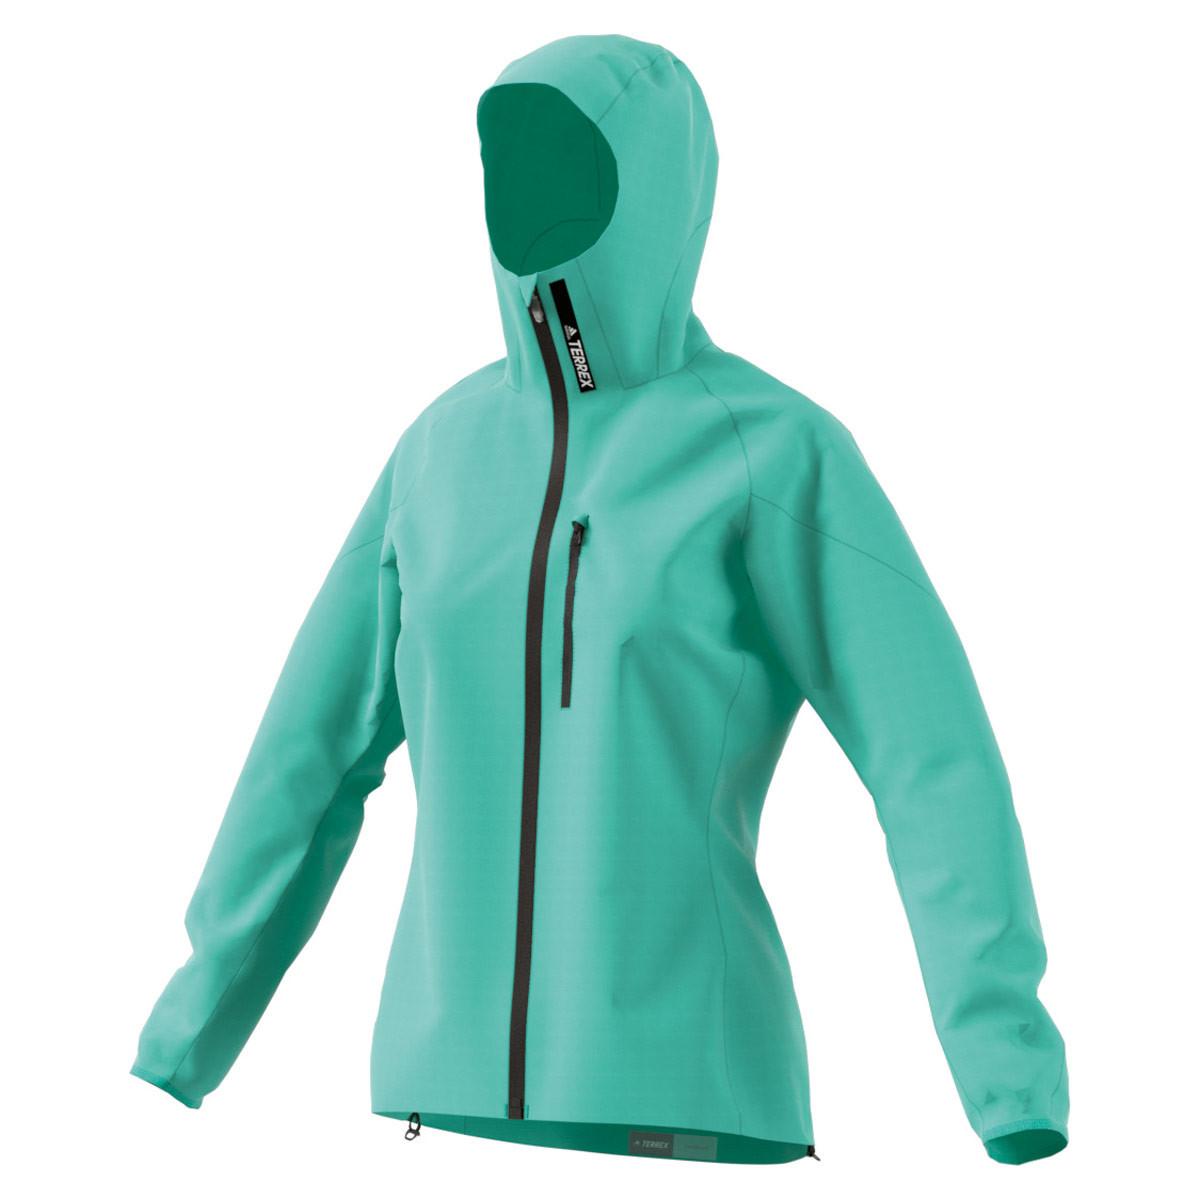 adidas Terrex Agravic 3L Jacket - Laufjacken für Damen - Grün